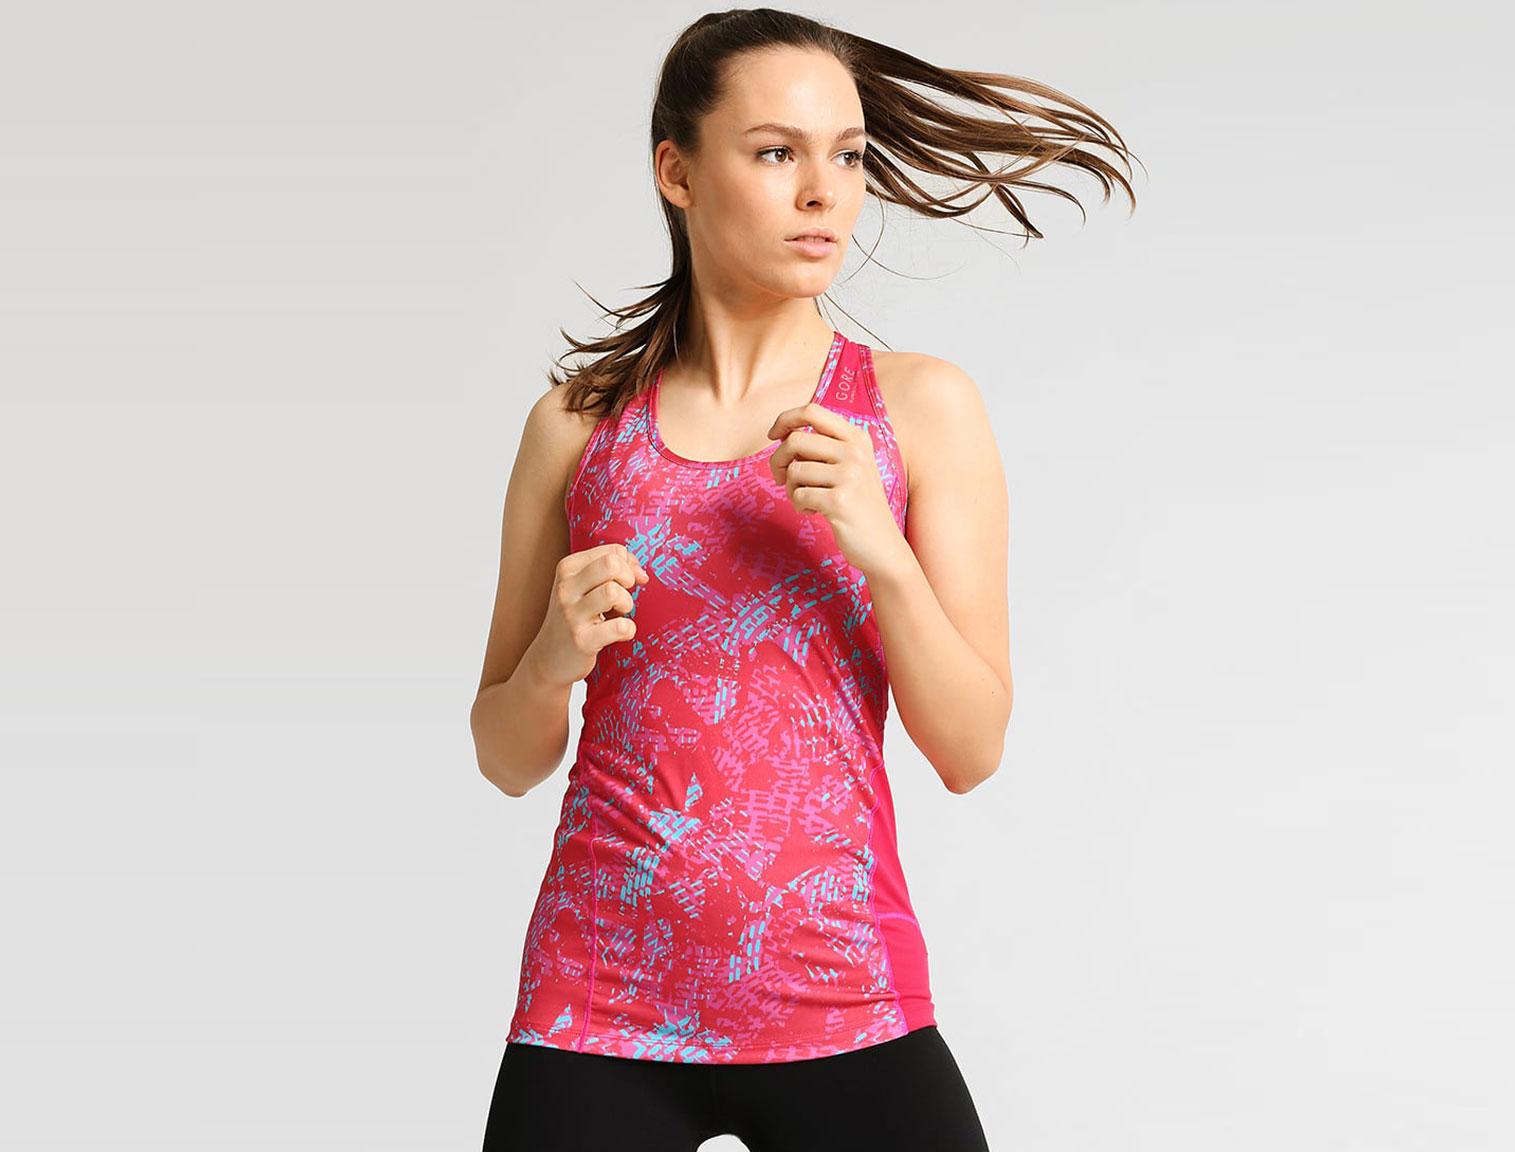 Mujer con camiseta running fucsia